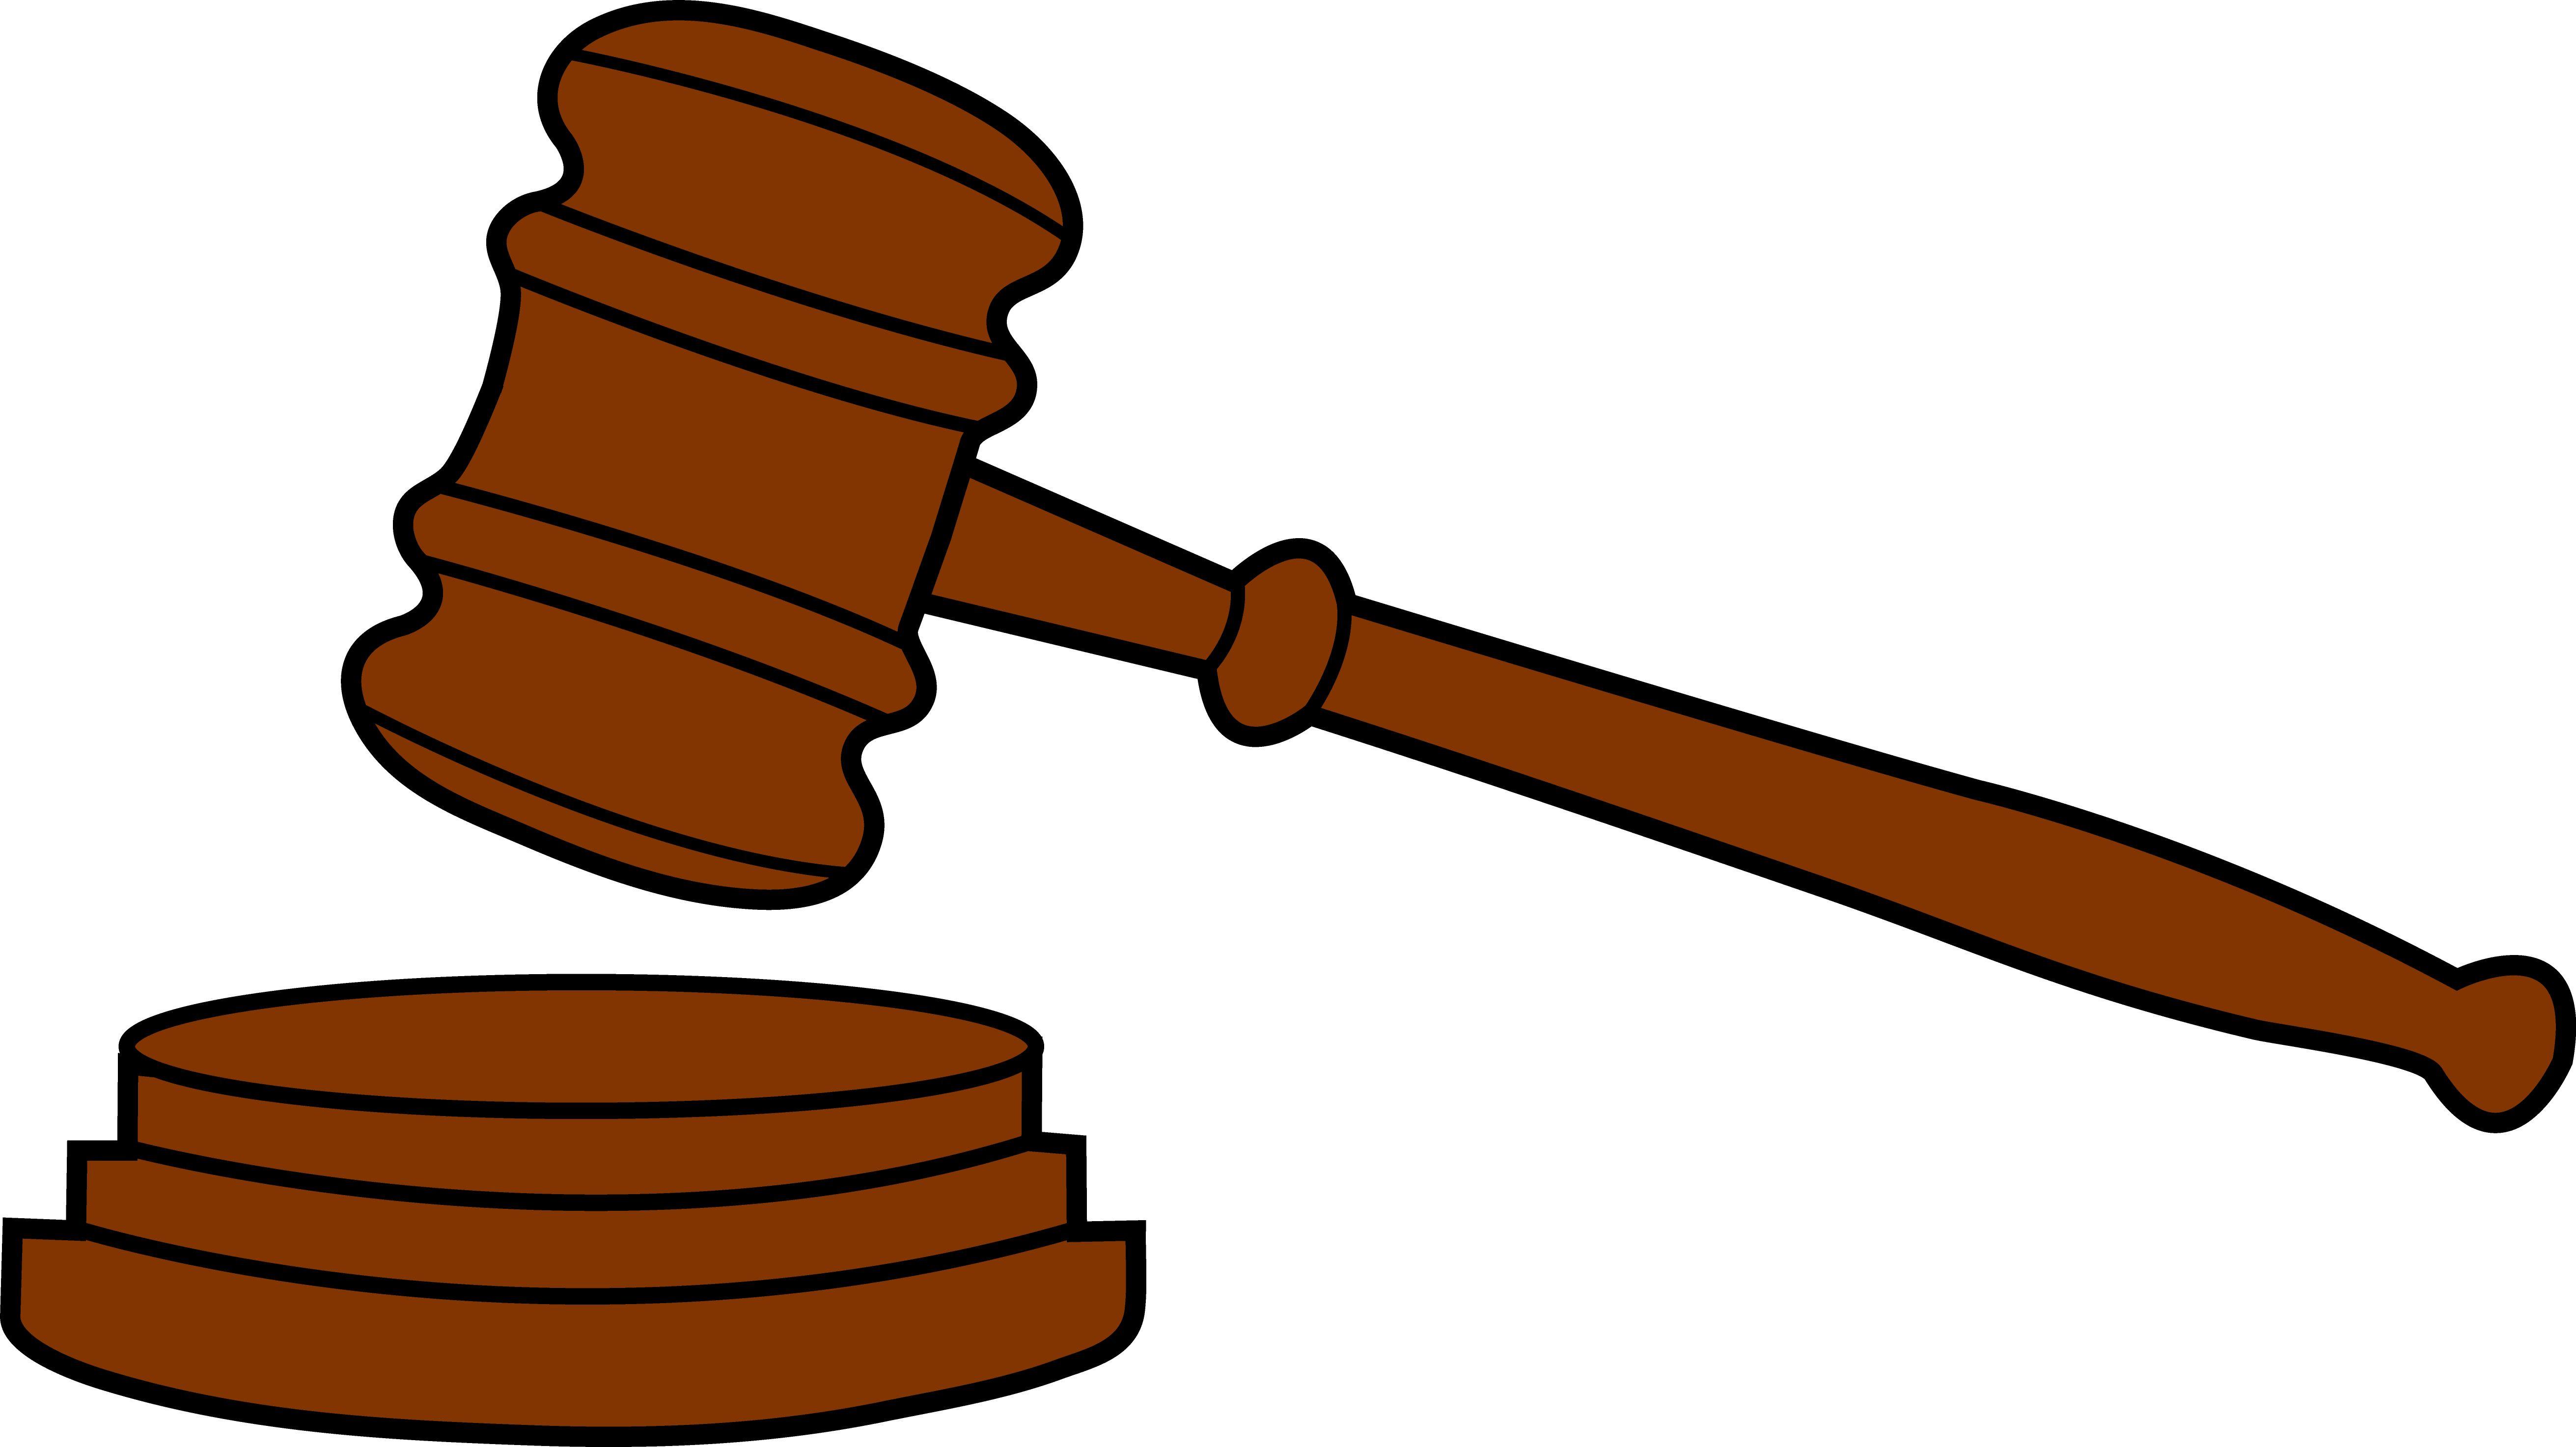 Judgement fair or not